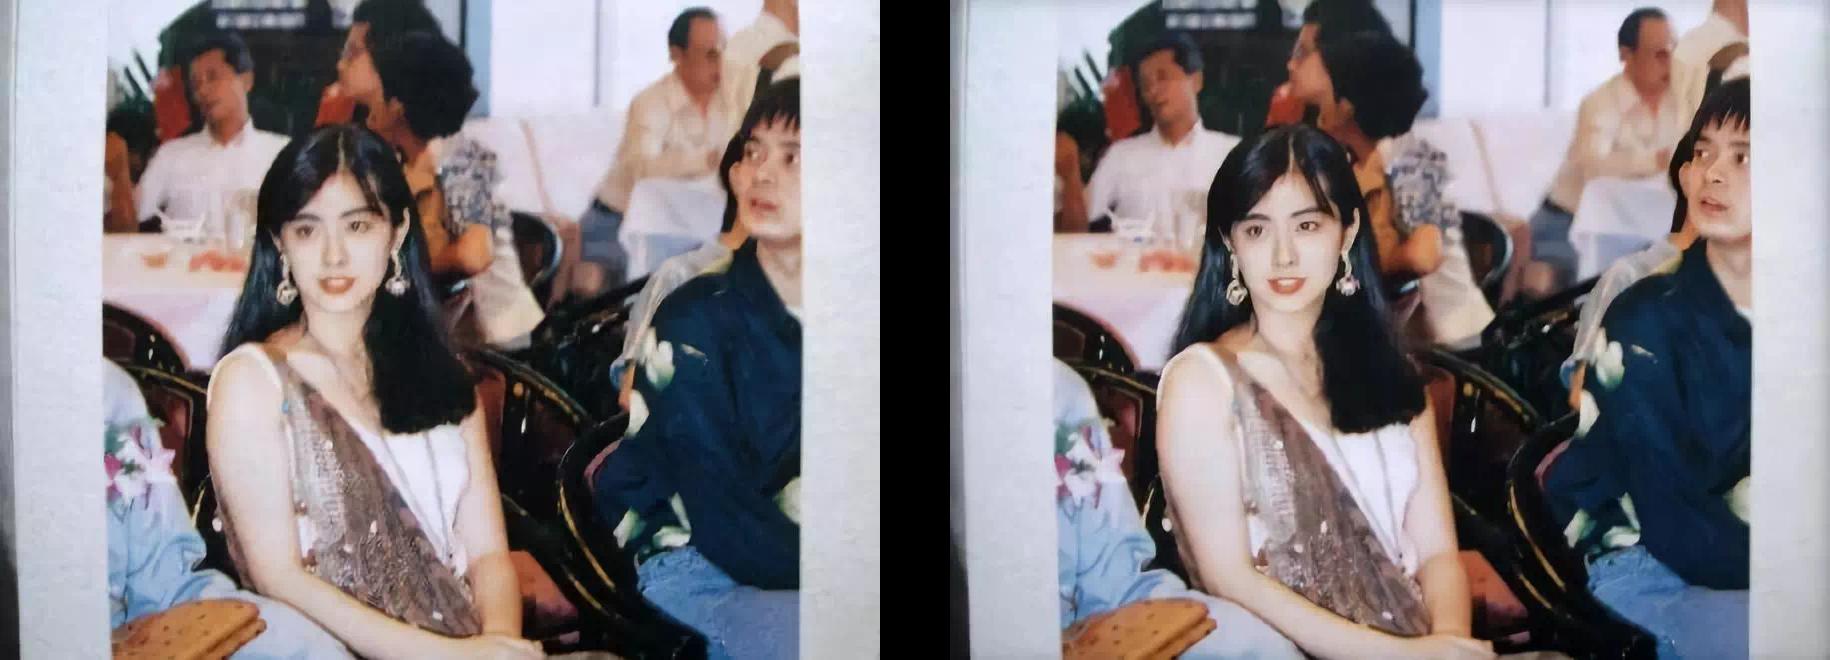 Ngọc nữ Hồng Kông năm 90 tái hiện thần sầu qua ảnh: Hơn 2 thập kỷ vẫn nét căng như vừa chụp? - Ảnh 2.